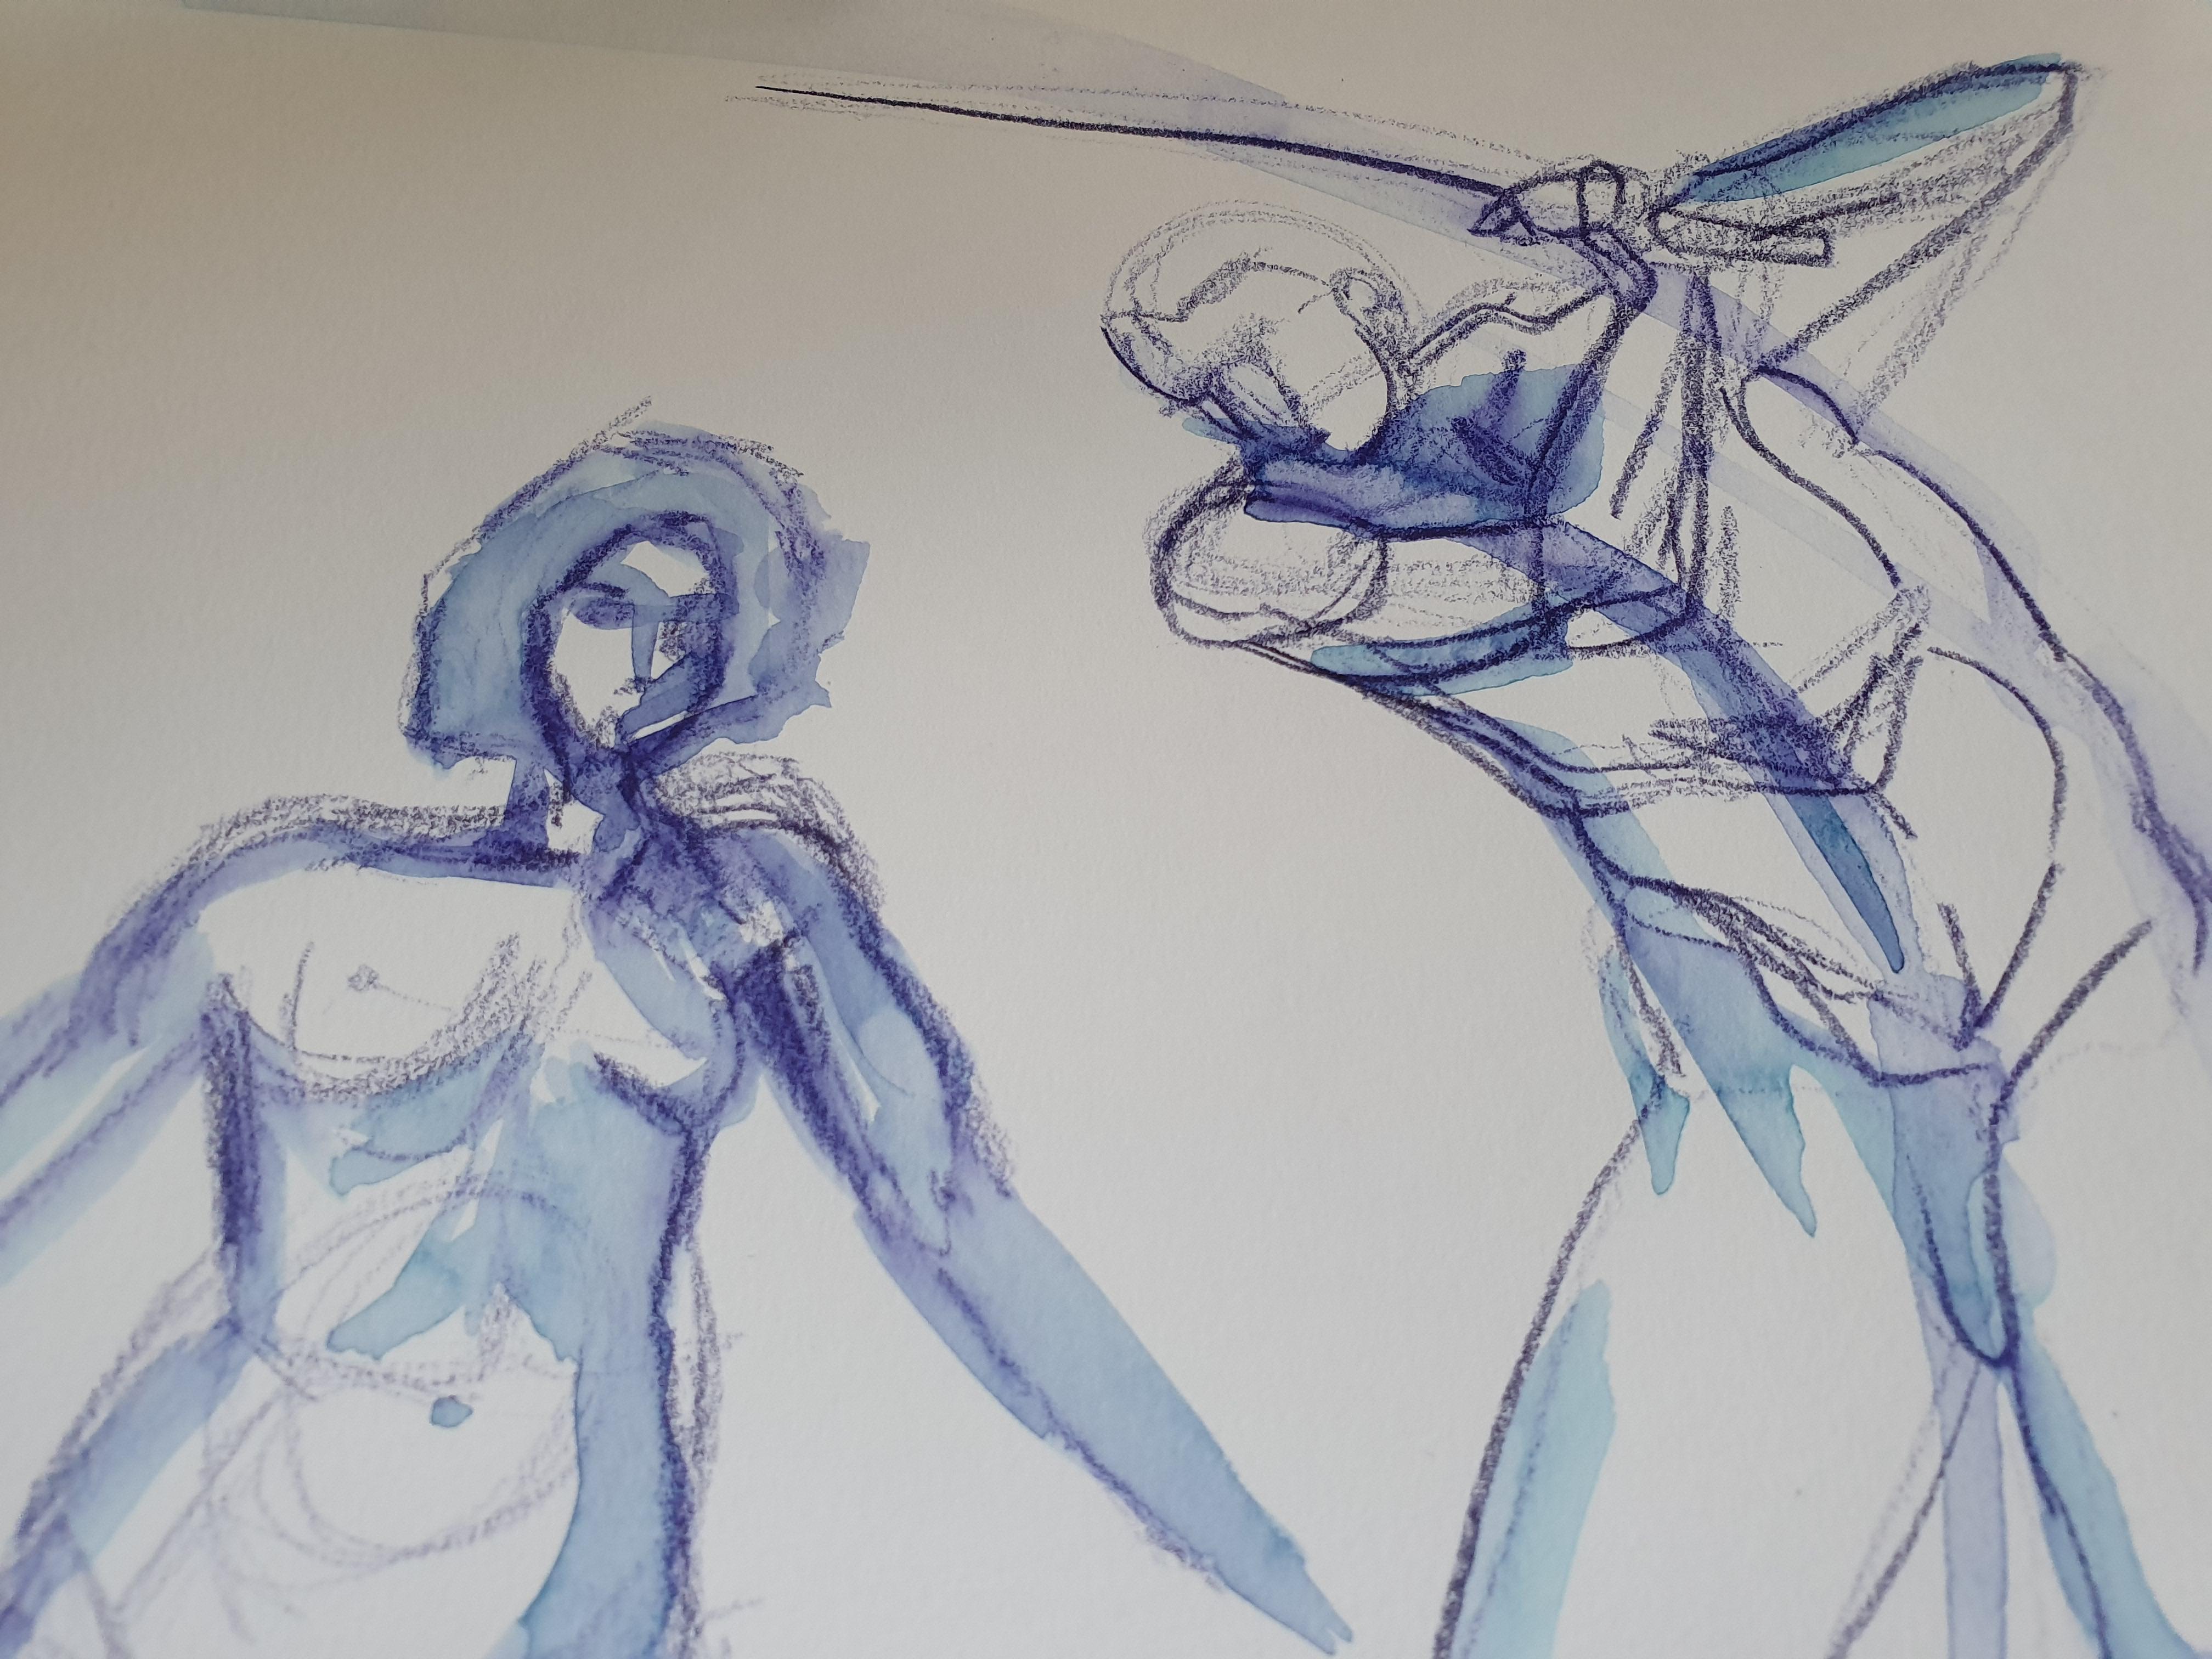 Dessin crayon aquarelle sur papier samoura�  cours de dessin